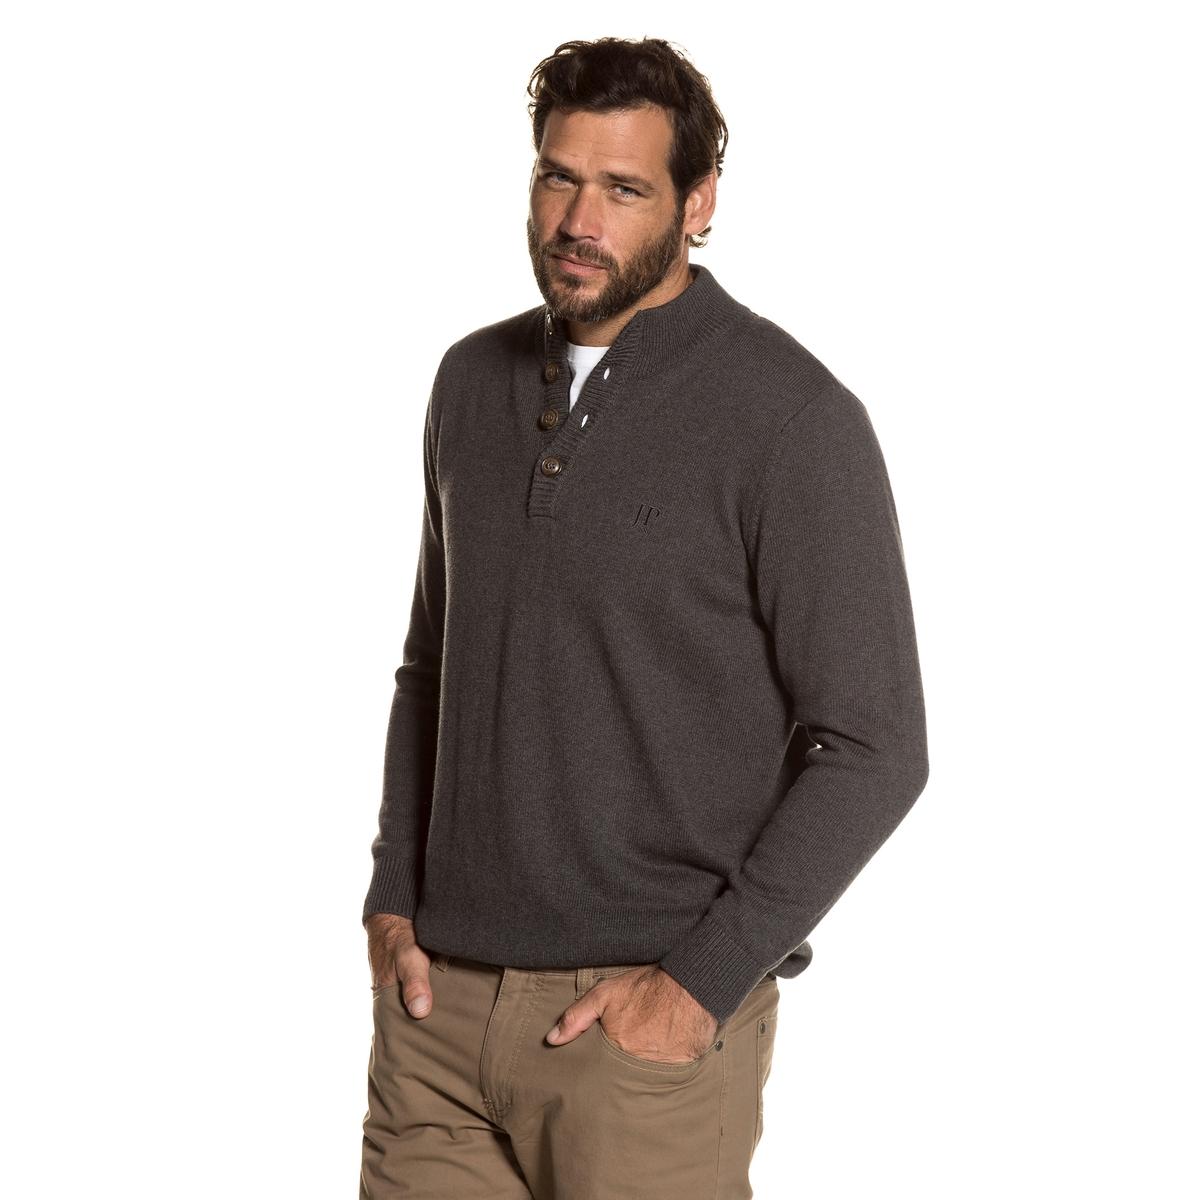 Пуловер с воротником-стойкой из тонкого трикотажаДетали •  Длинные рукава •  Воротник-стойка •  Тонкий трикотаж Состав и уход •  100% хлопок •  Следуйте советам по уходу, указанным на этикеткеТовар из коллекции больших размеров<br><br>Цвет: серый<br>Размер: 6XL